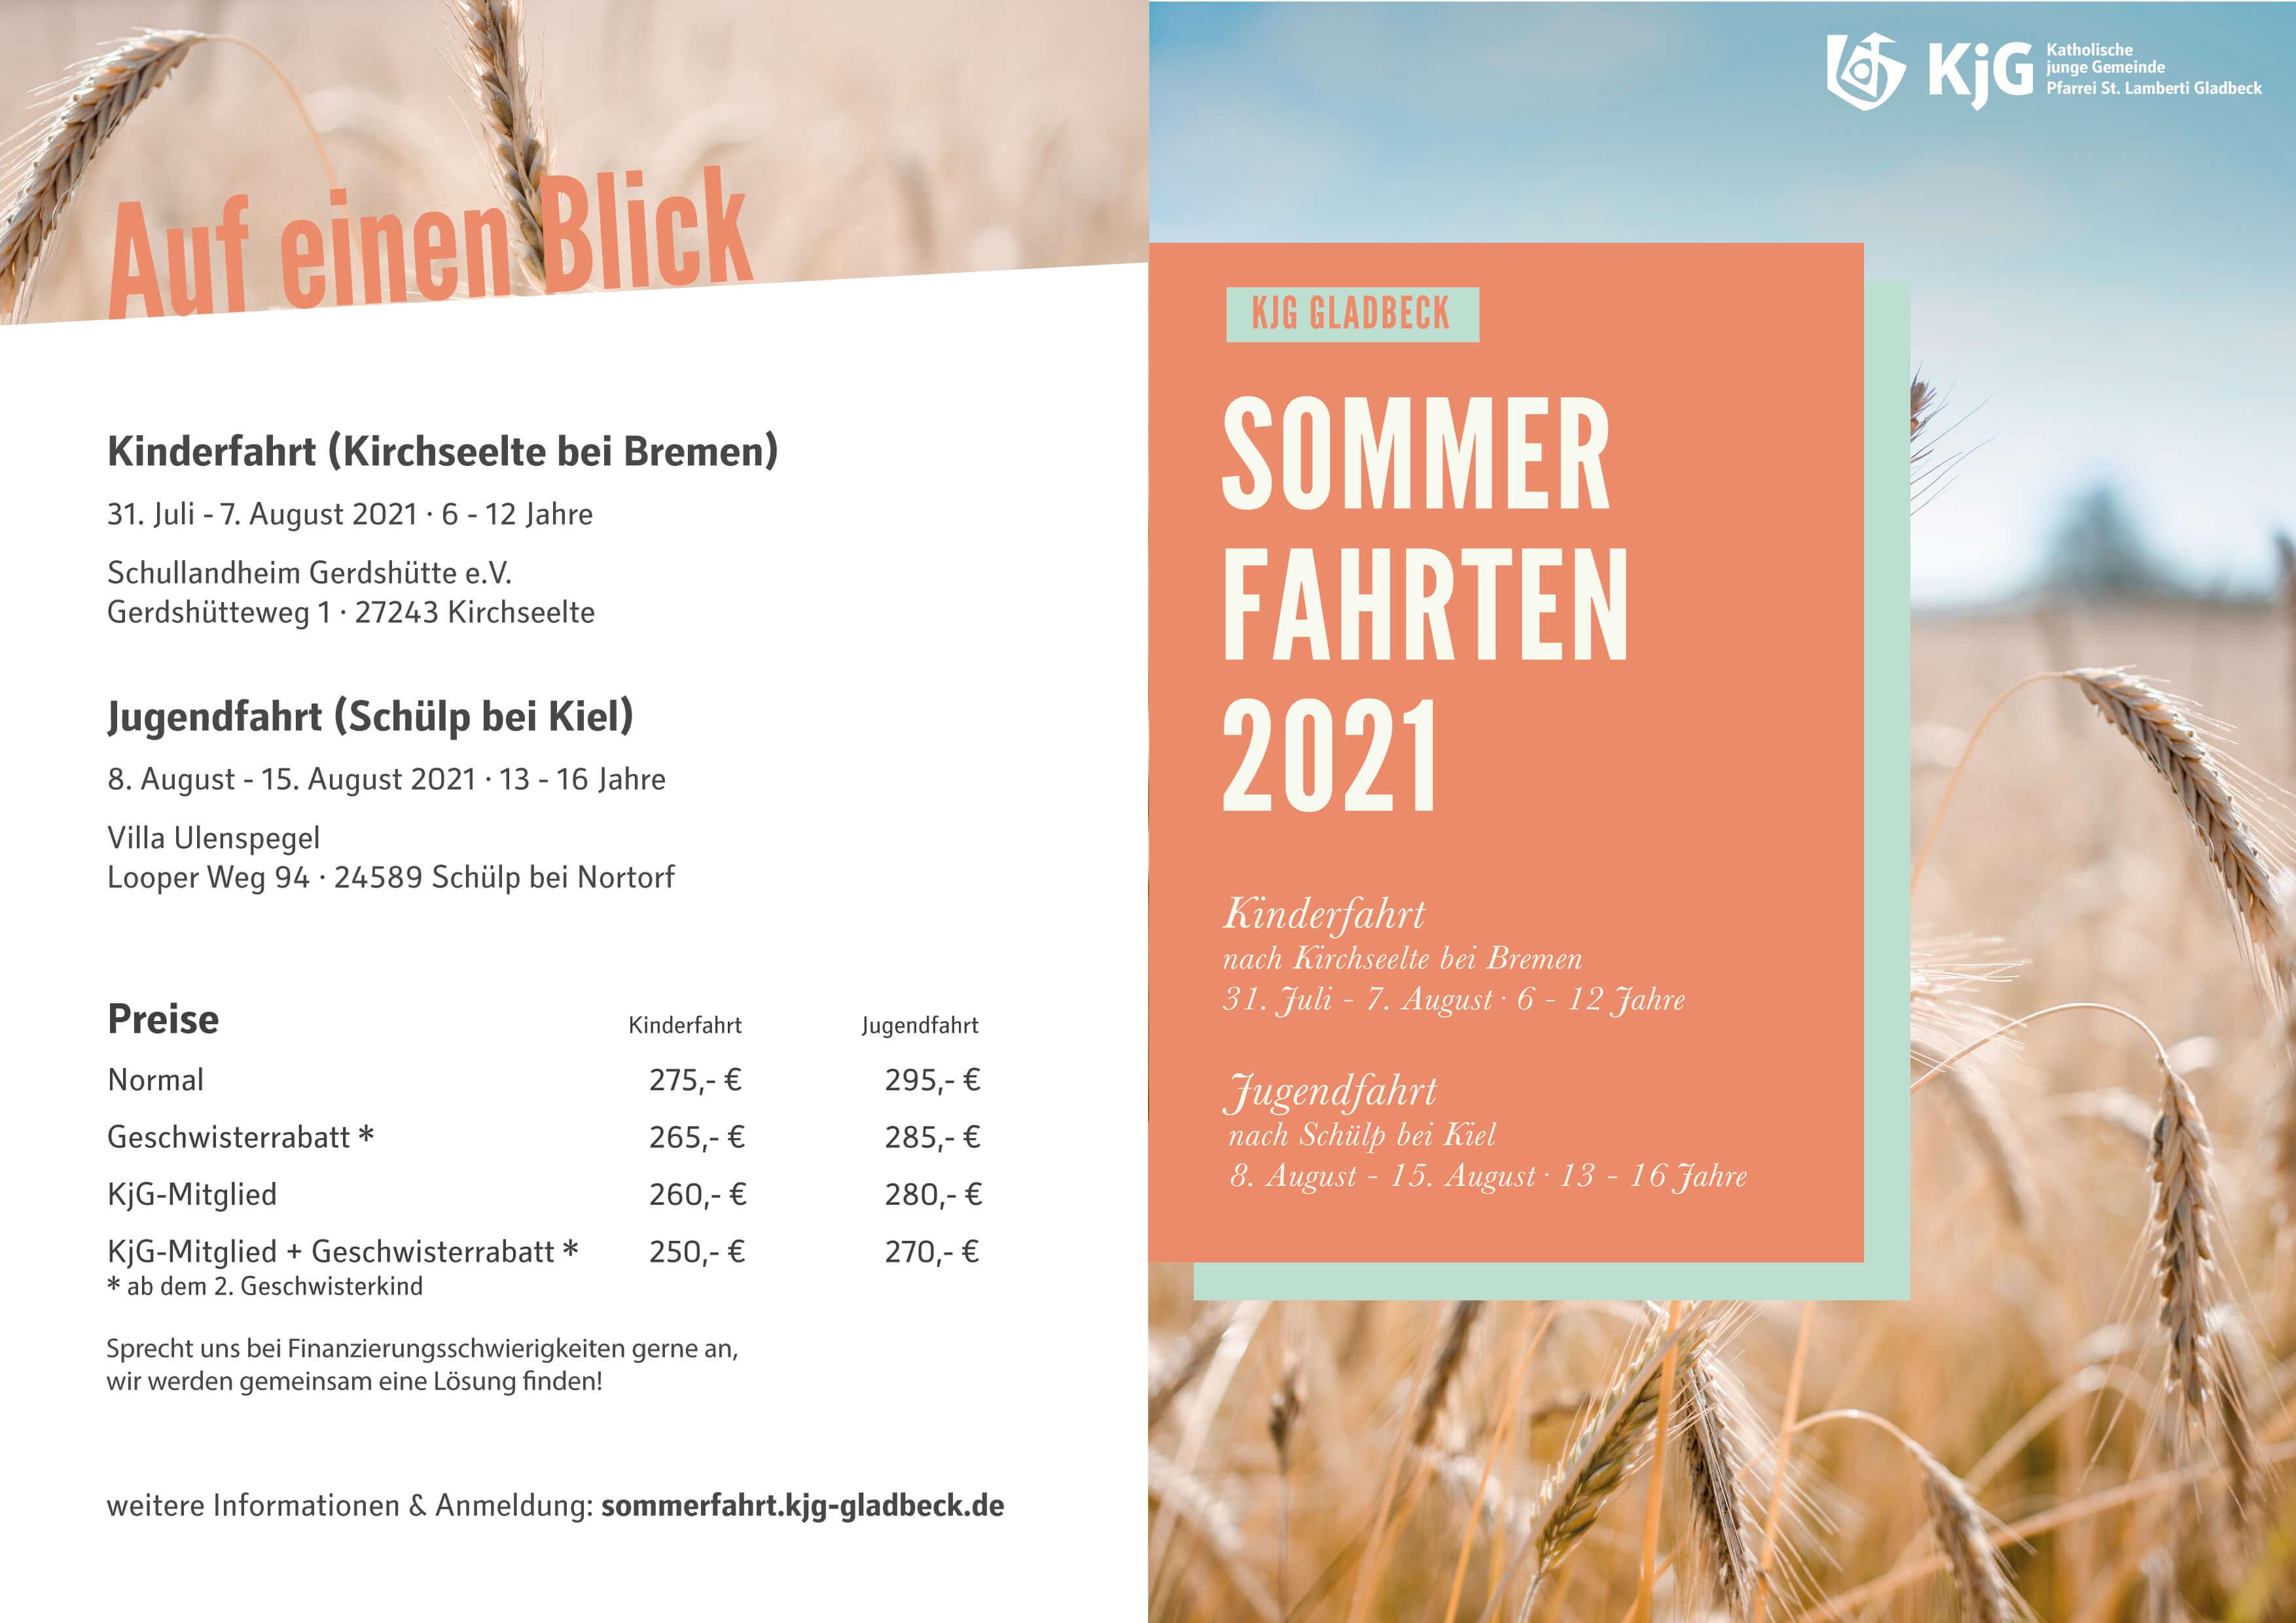 Flyer zur Sommerfahrt 2021 - KjG Gladbeck